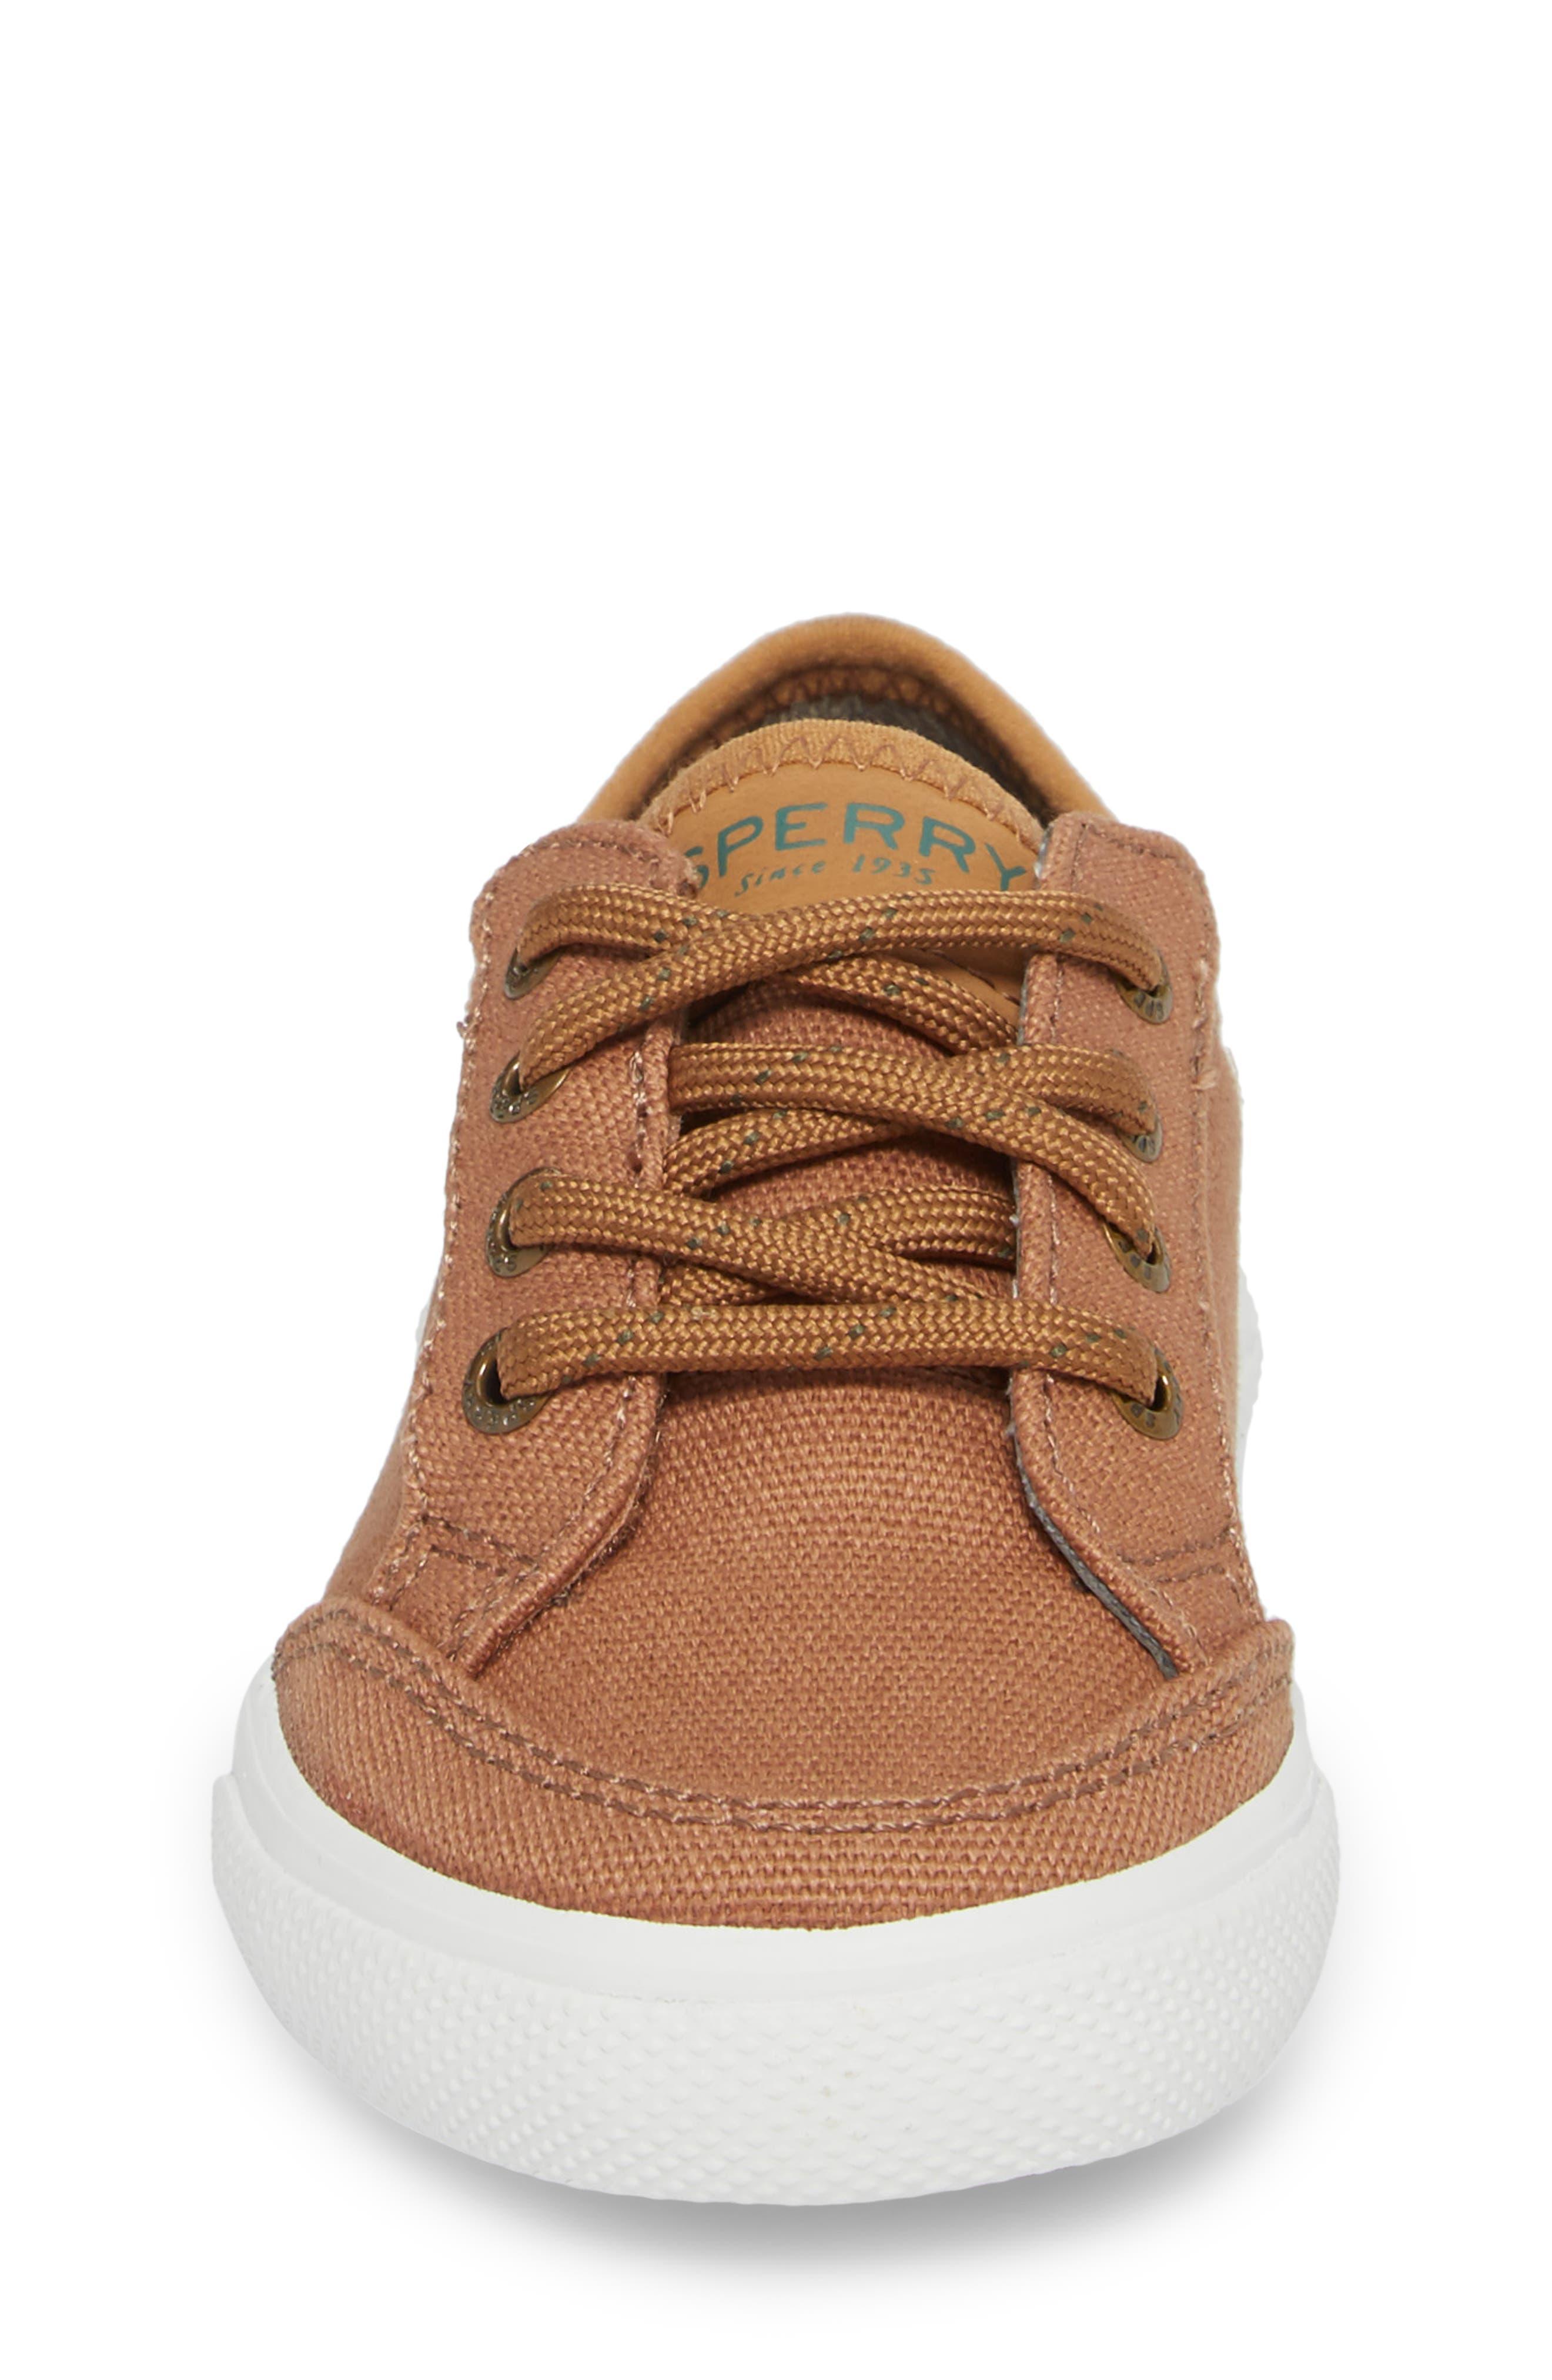 Sperry Deckfin Jr. Sneaker,                             Alternate thumbnail 4, color,